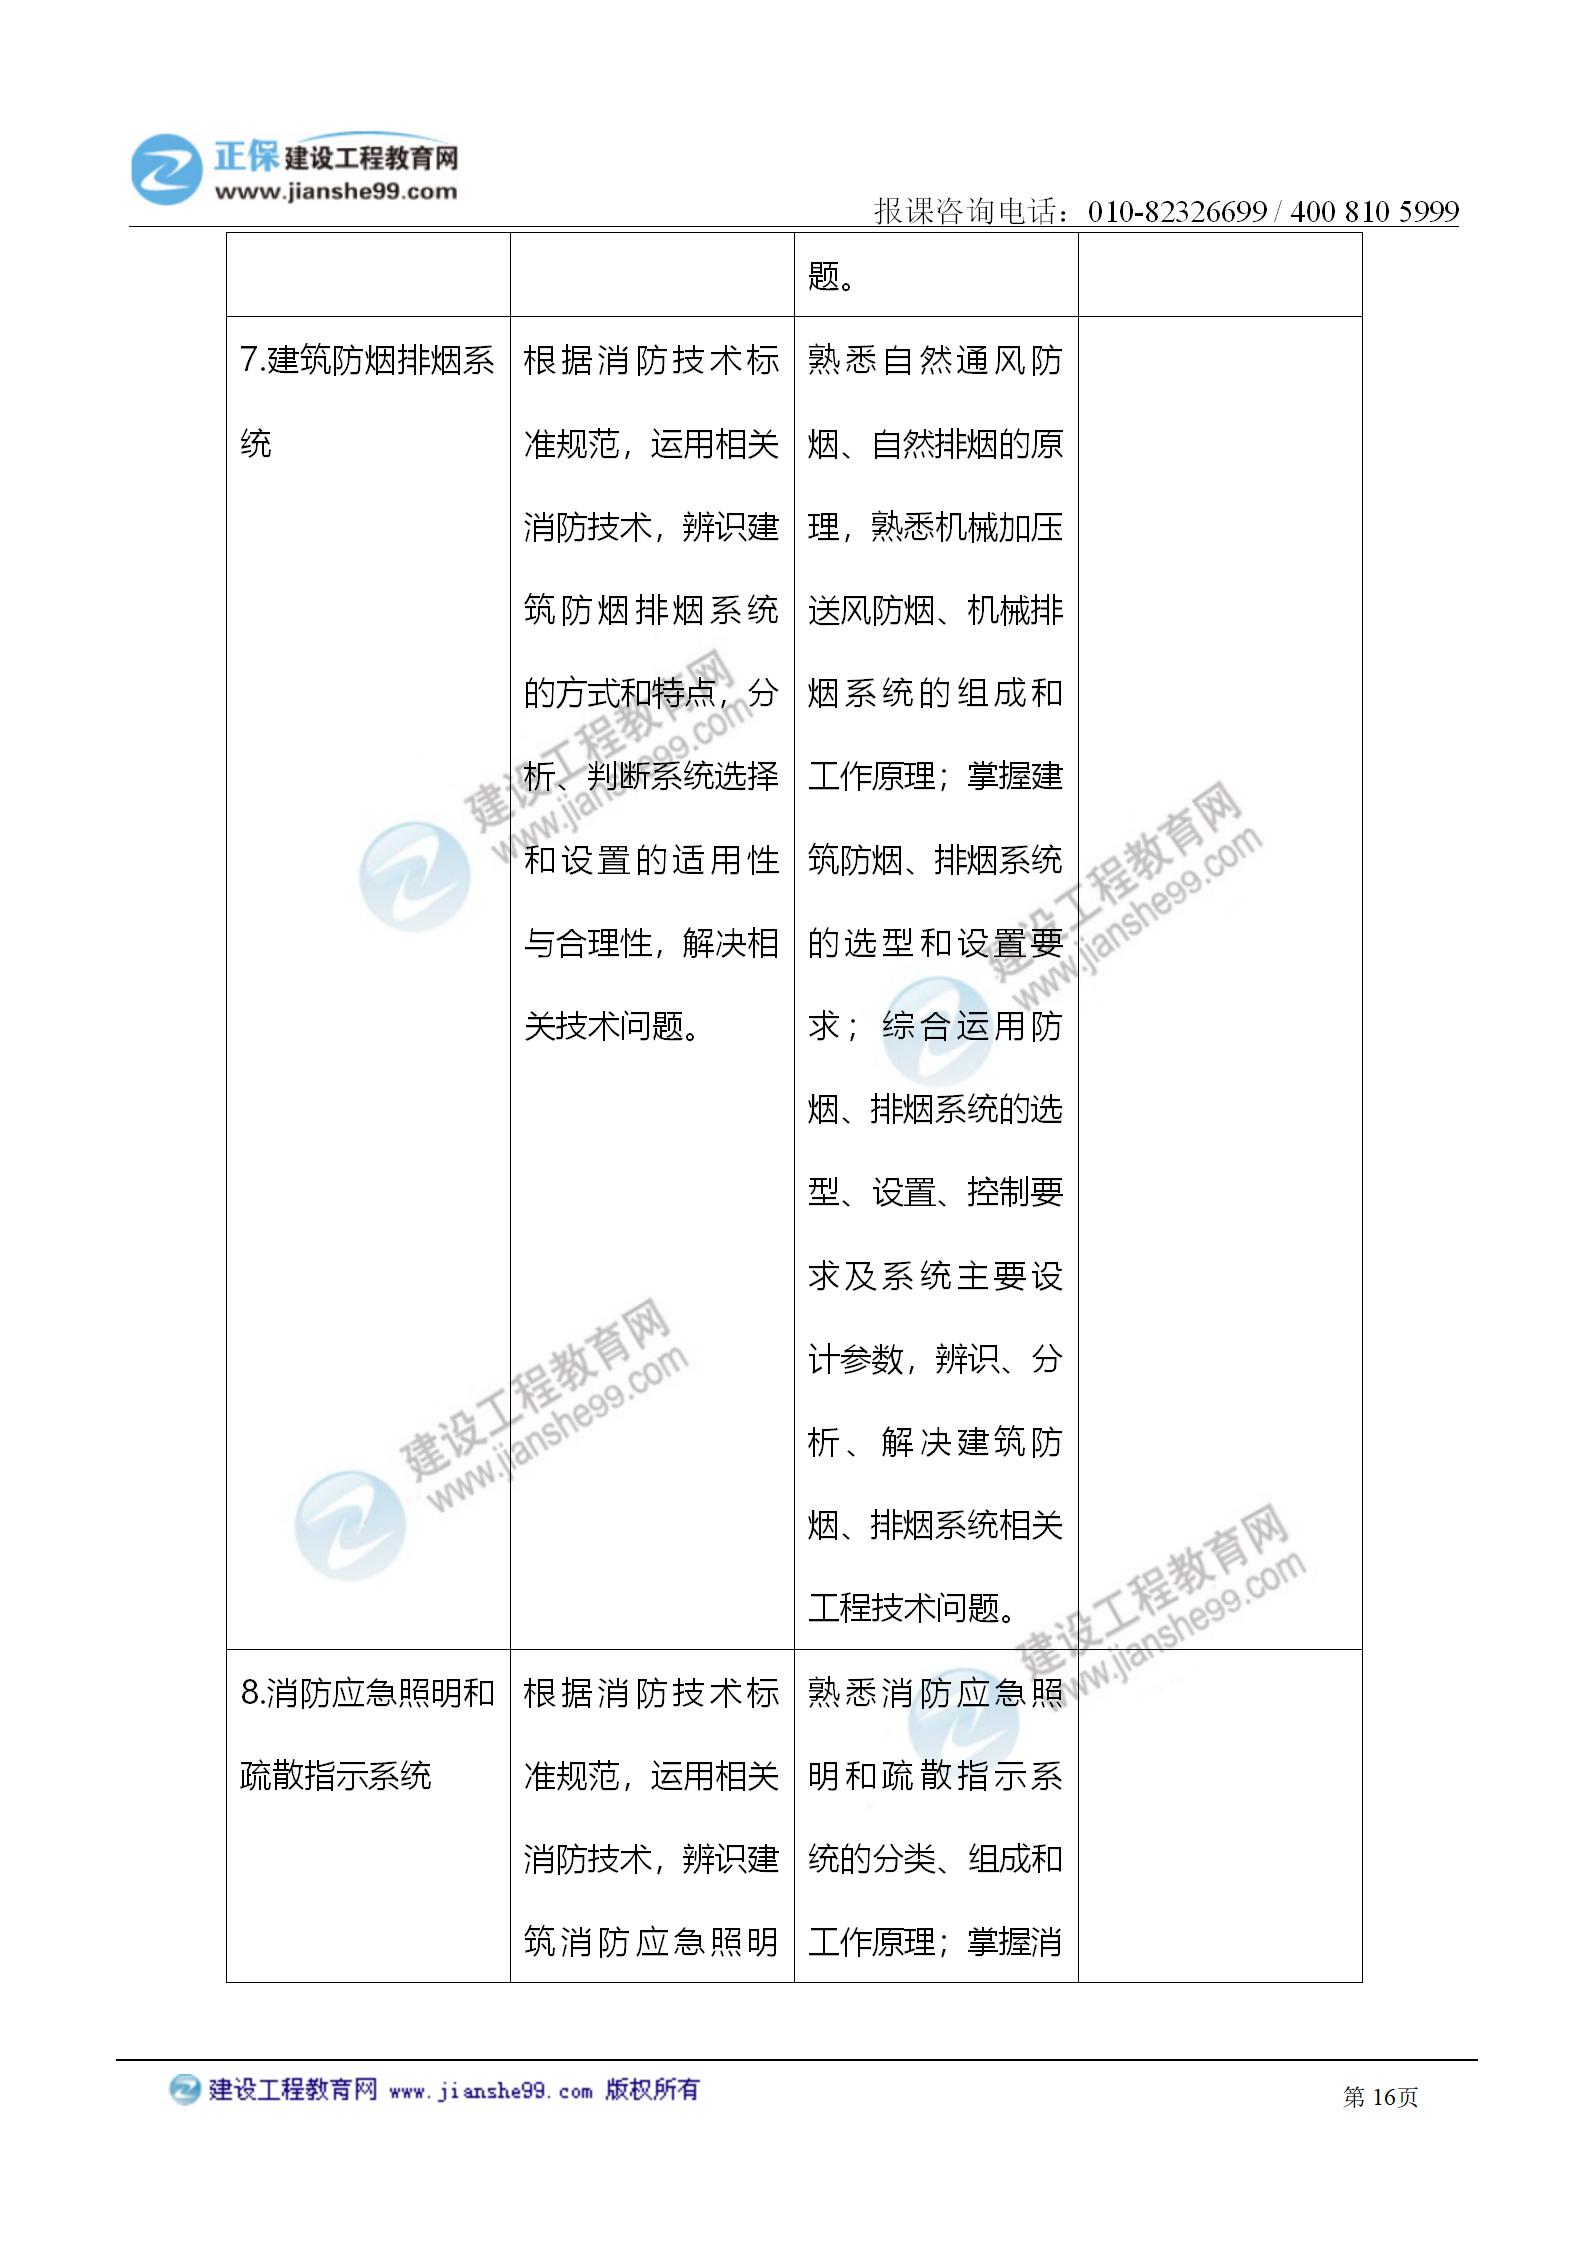 2021注册消防工程师《技术实务》考试大纲变化情况_16